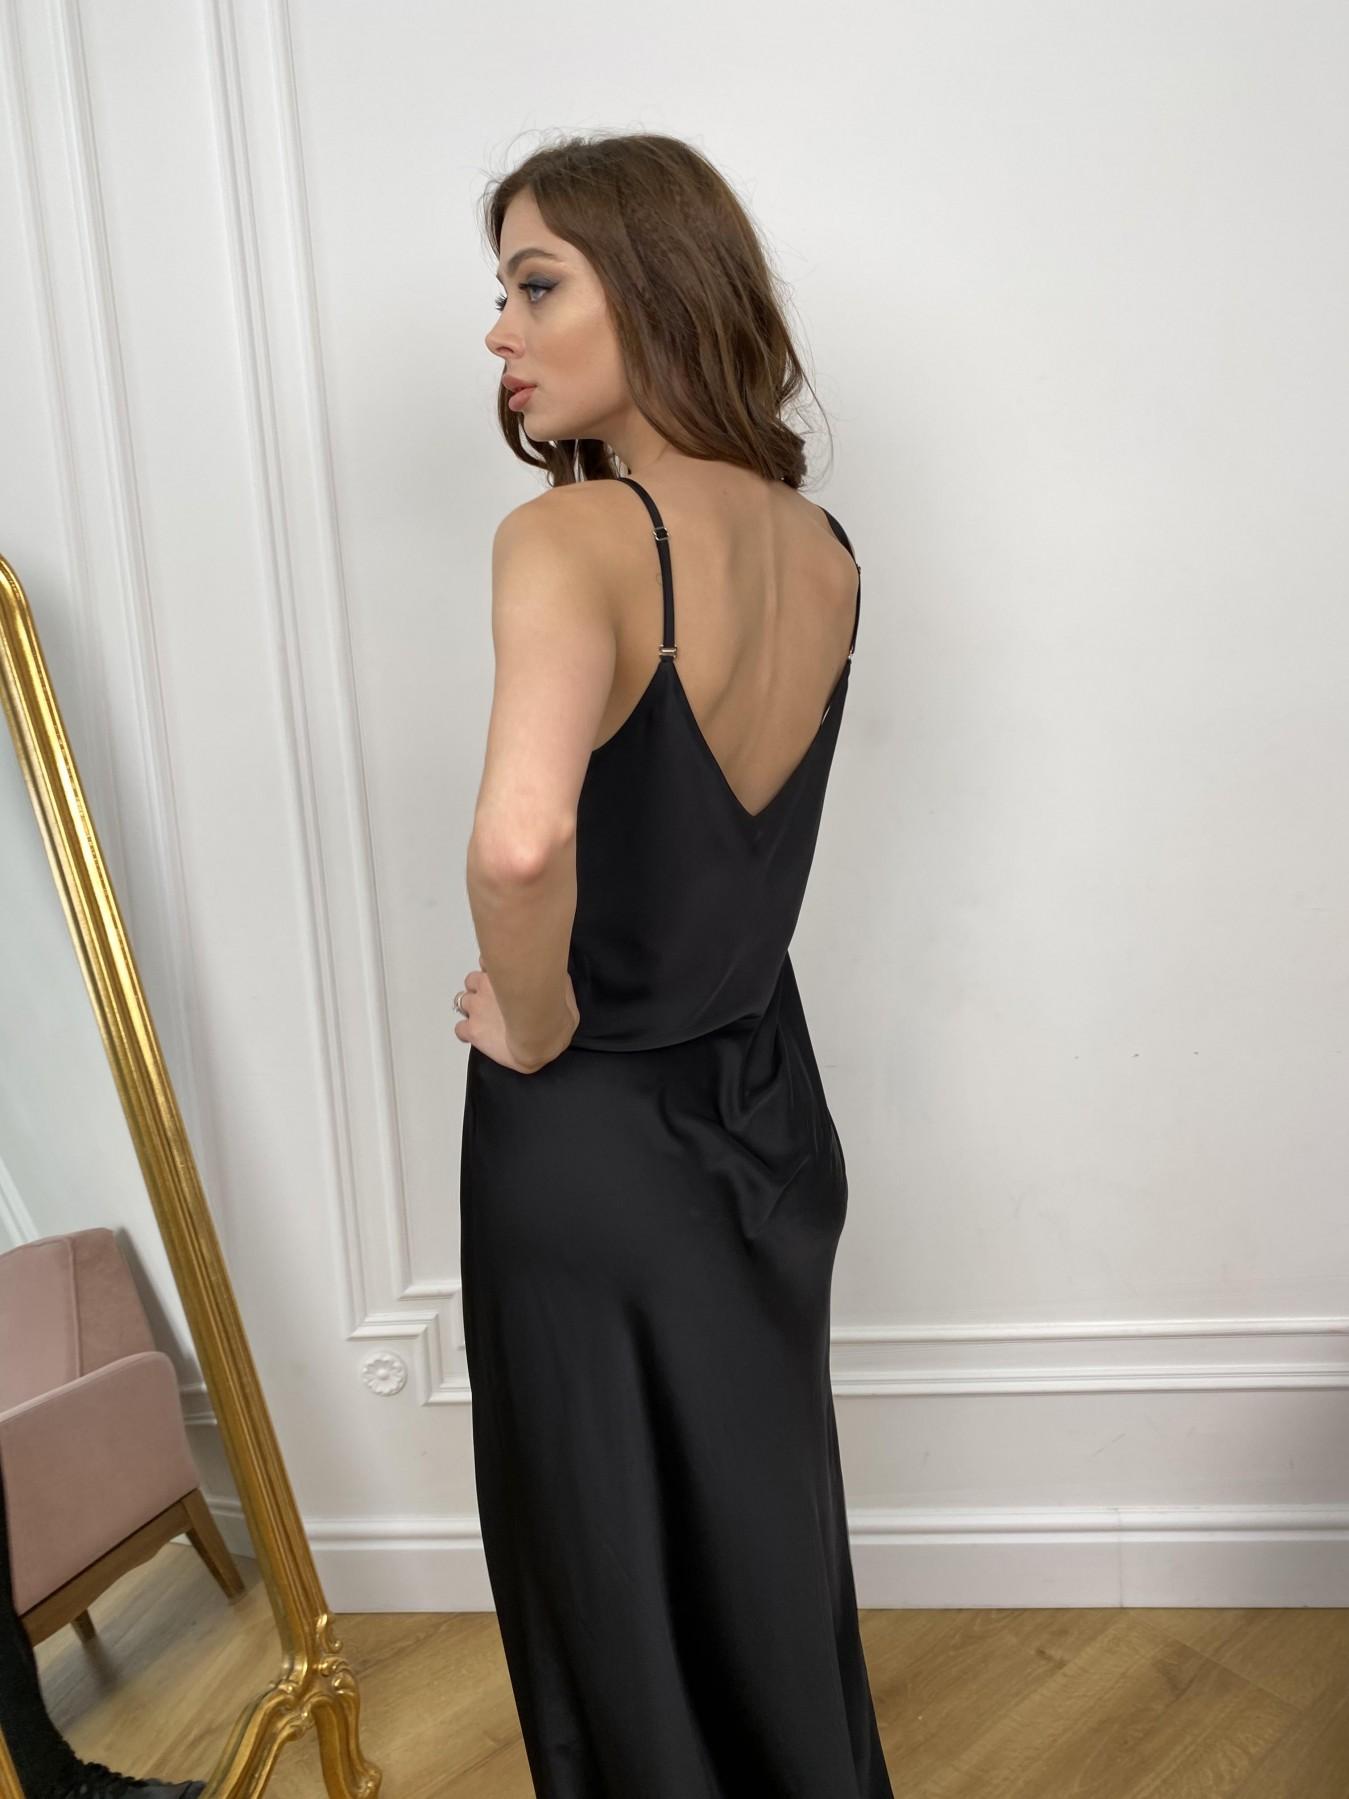 Камая Лайт платье из шелка 10611 АРТ. 46986 Цвет: Черный - фото 6, интернет магазин tm-modus.ru